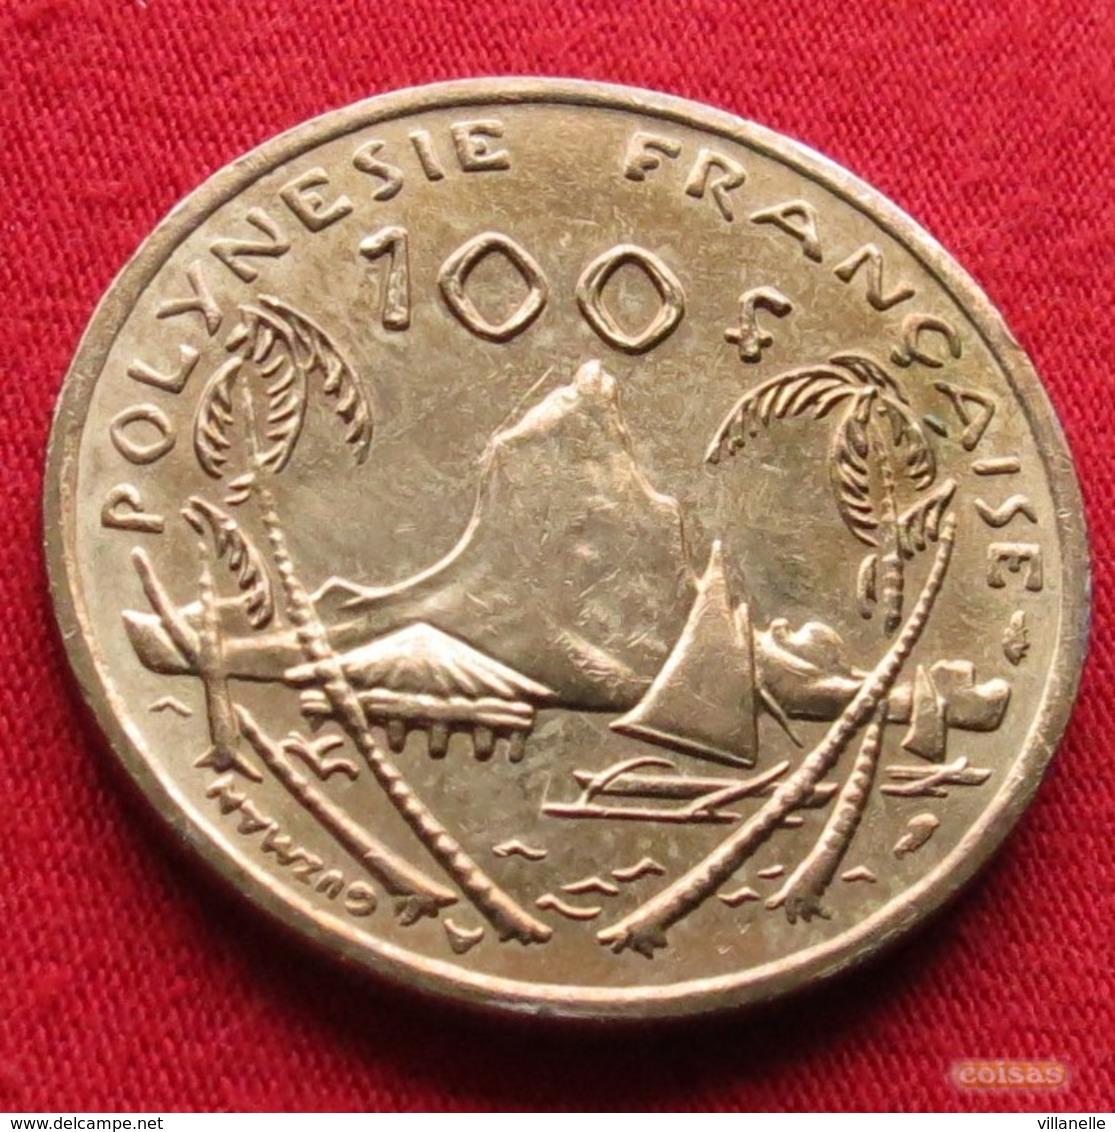 French Polynesia 100 Francs 1992 KM# 14 Polynesie Polinesia - Polynésie Française